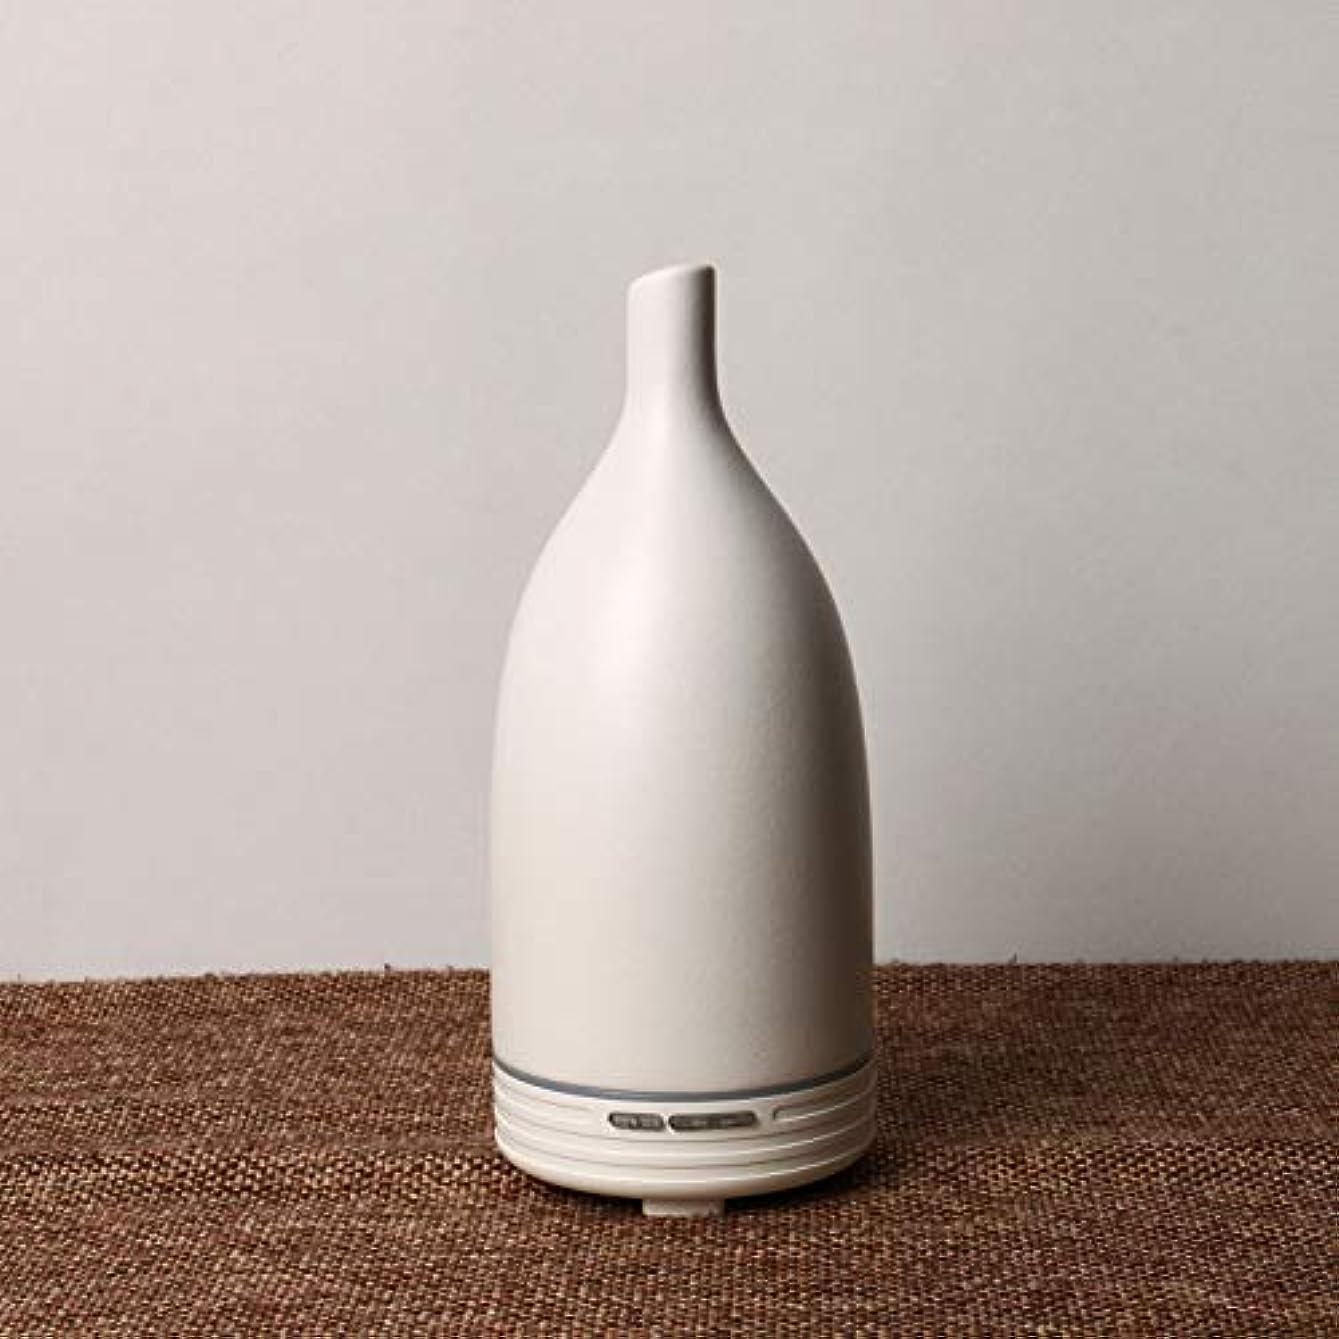 動物園ワット不良アロマディスペンサー精油加湿器陶磁器の材質は家庭の事務用に適しています。 (ホワイト)